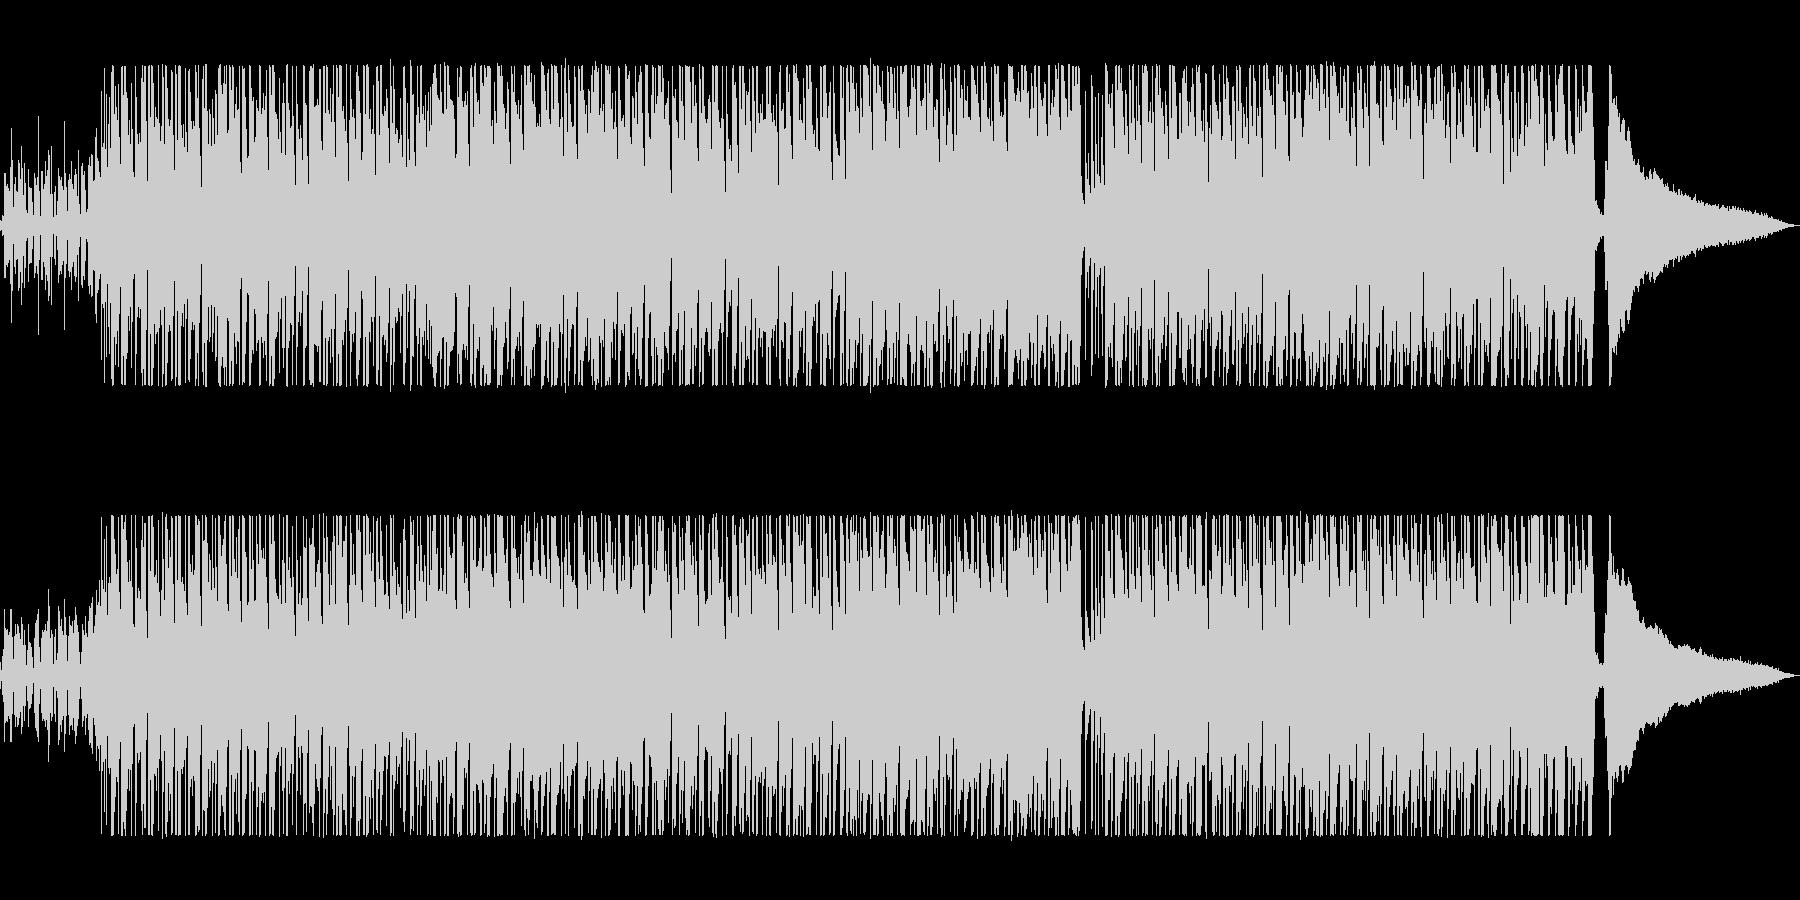 軽快で明るいシンセポップサウンドの未再生の波形